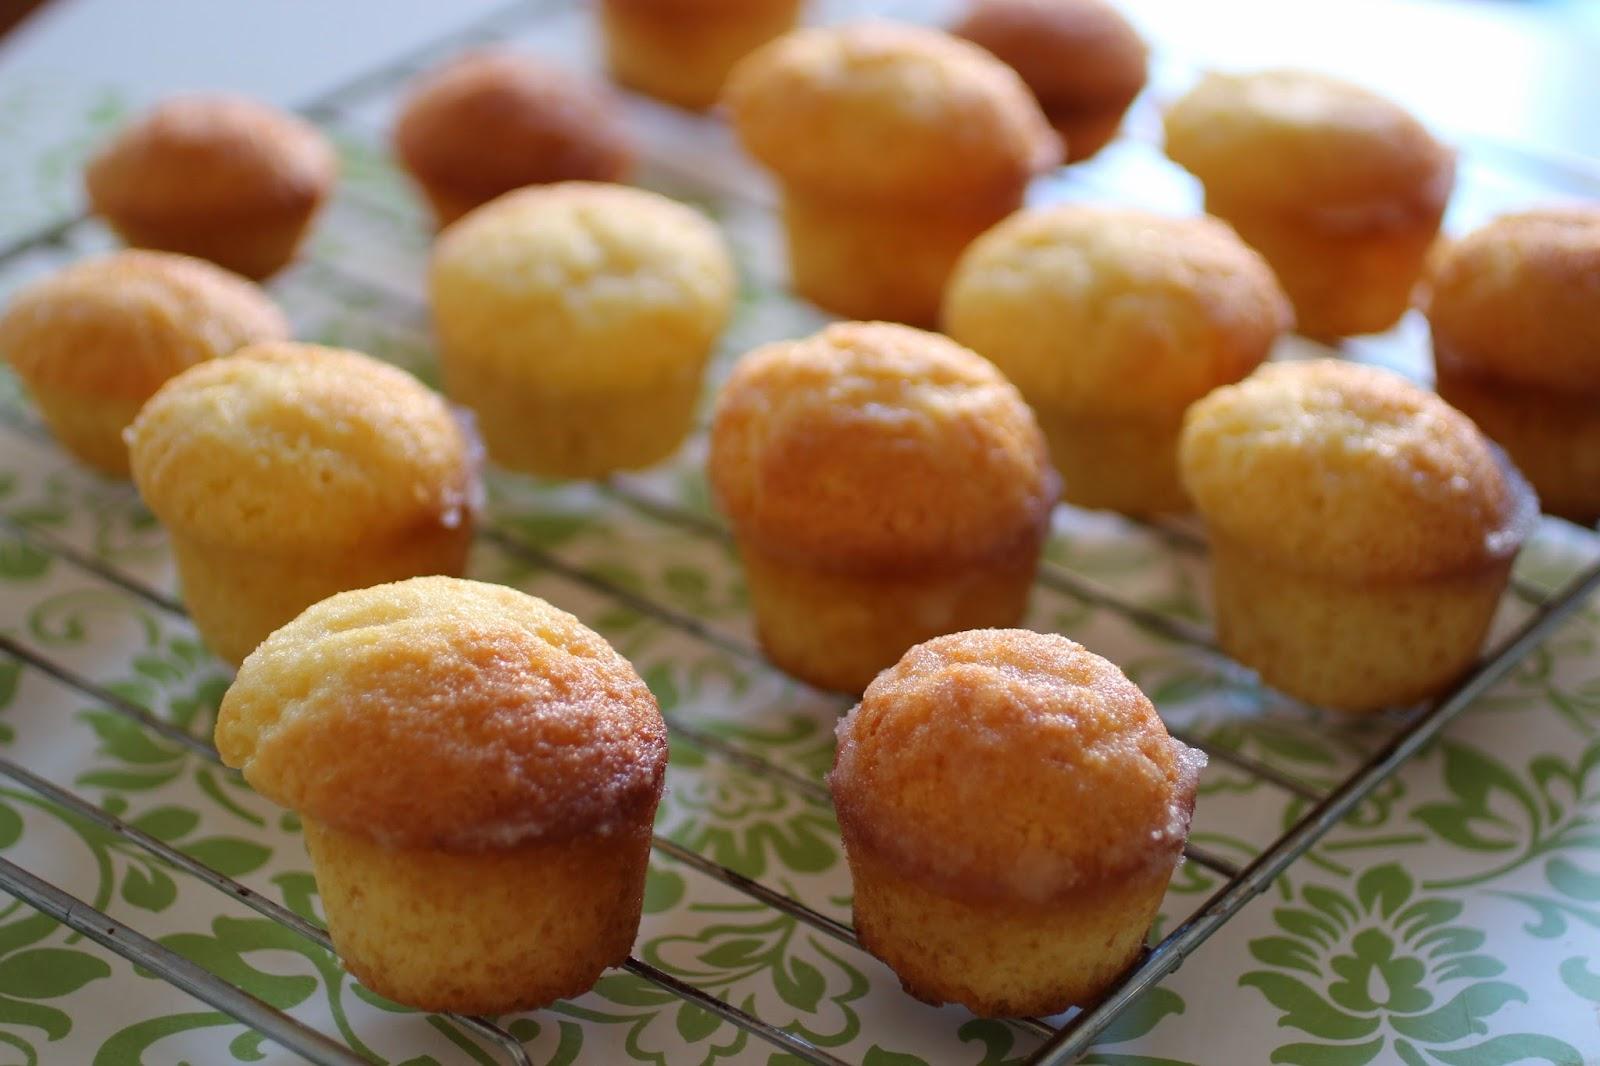 Muffins parfaits au citron